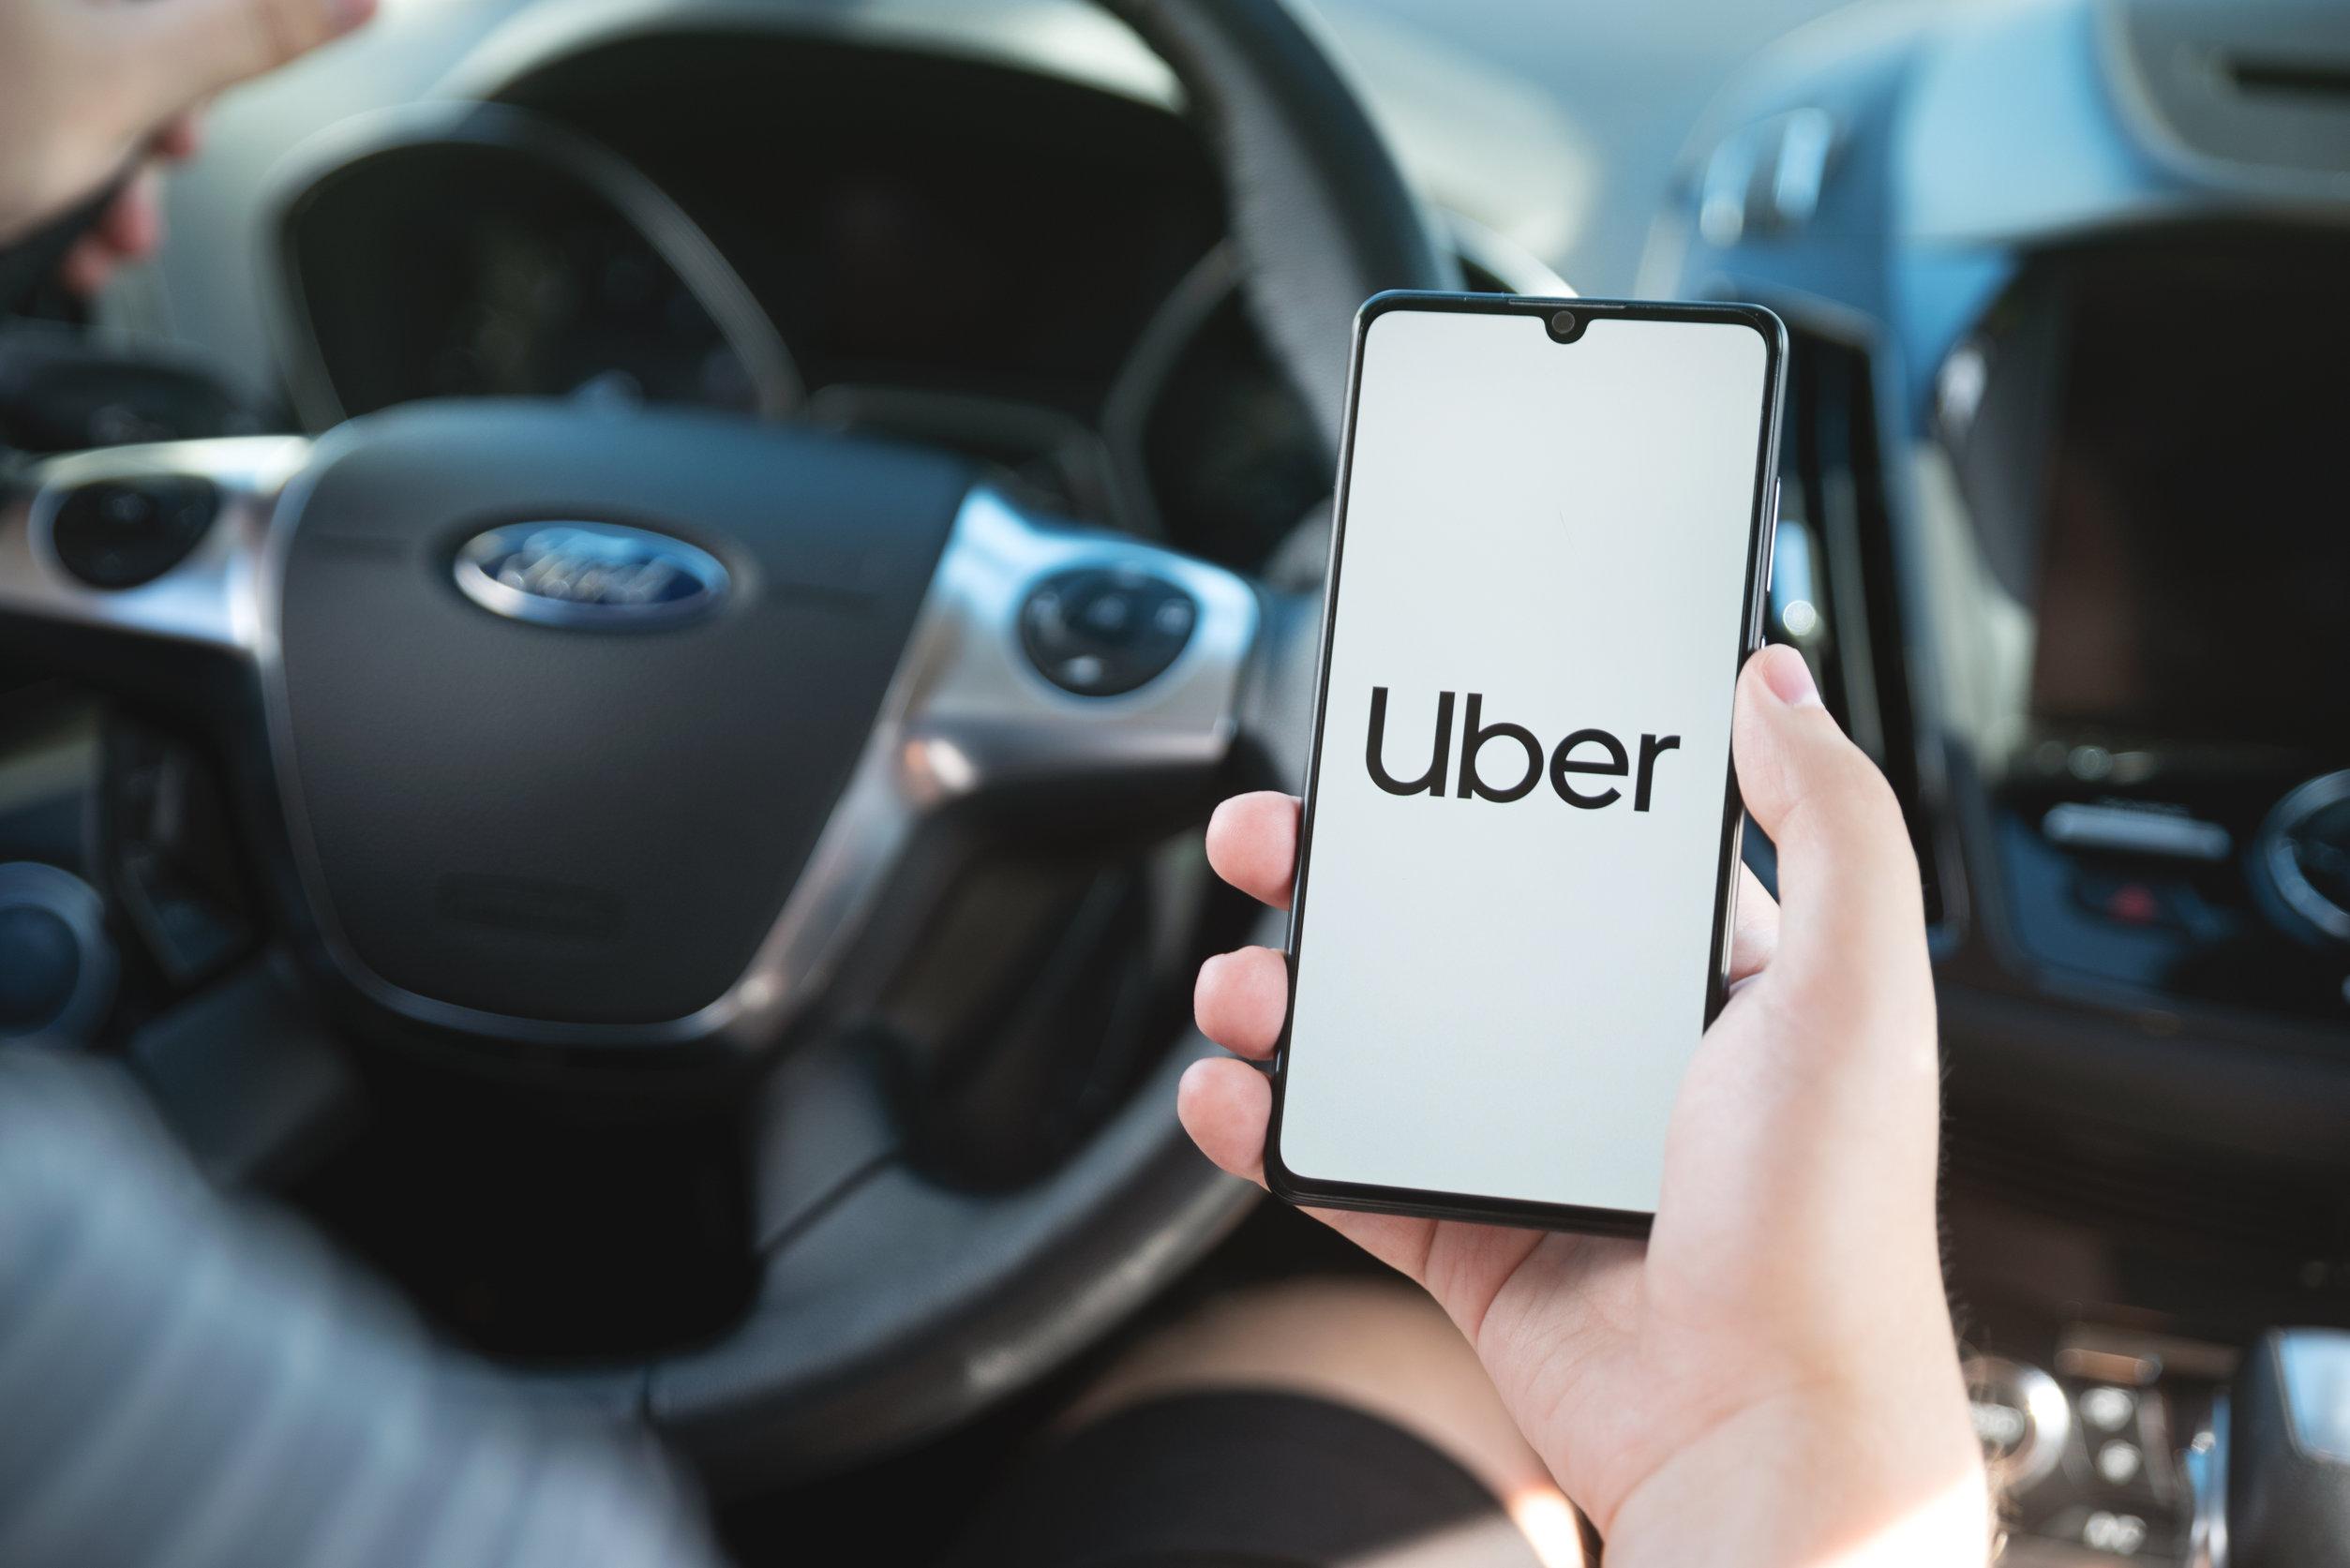 ¿Cómo trabajar en Uber? Requisitos y condiciones de este trabajo en España